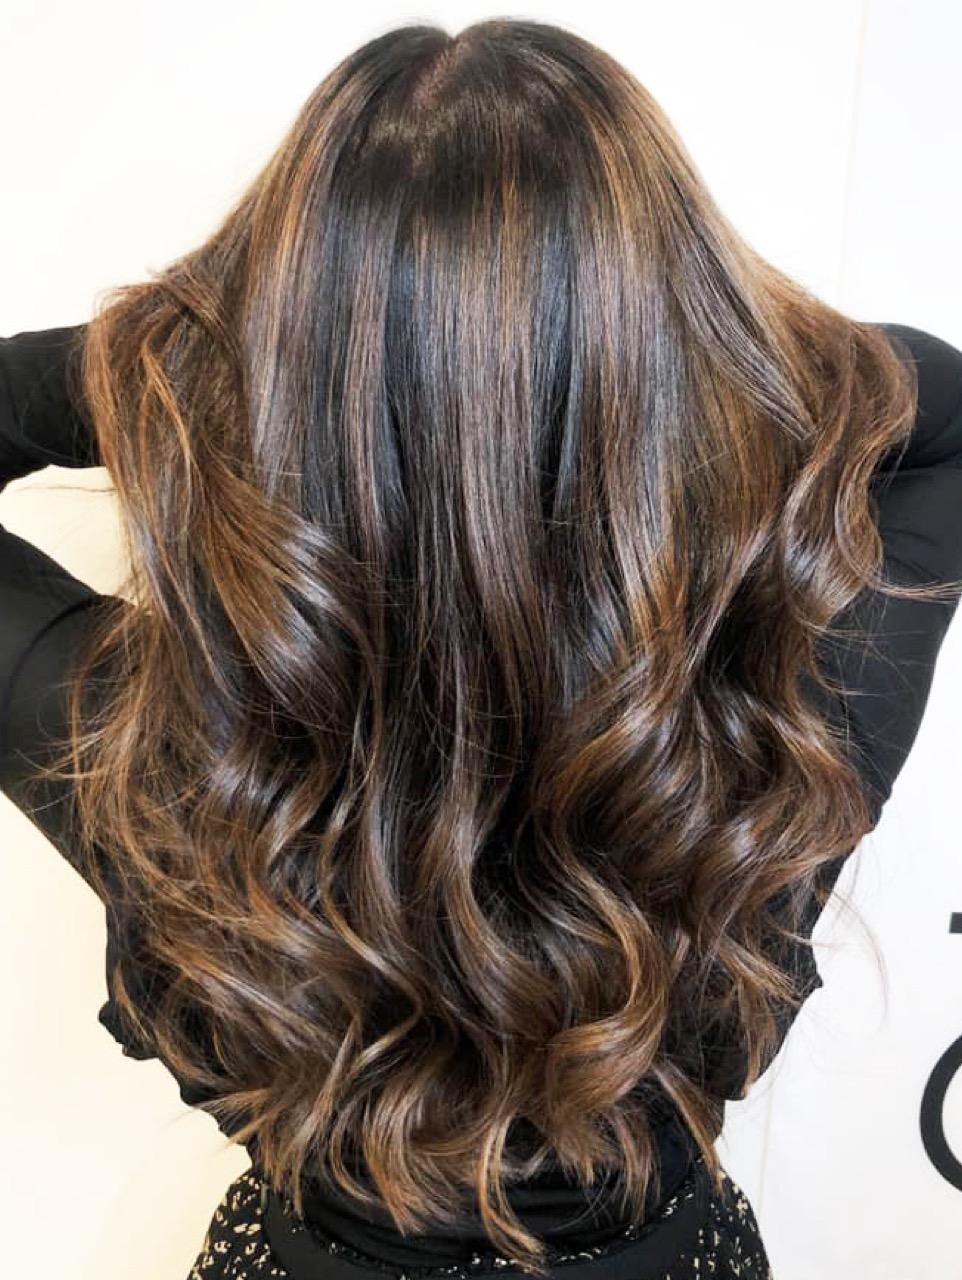 Blonden mit strähnen braun frisur Haare braun